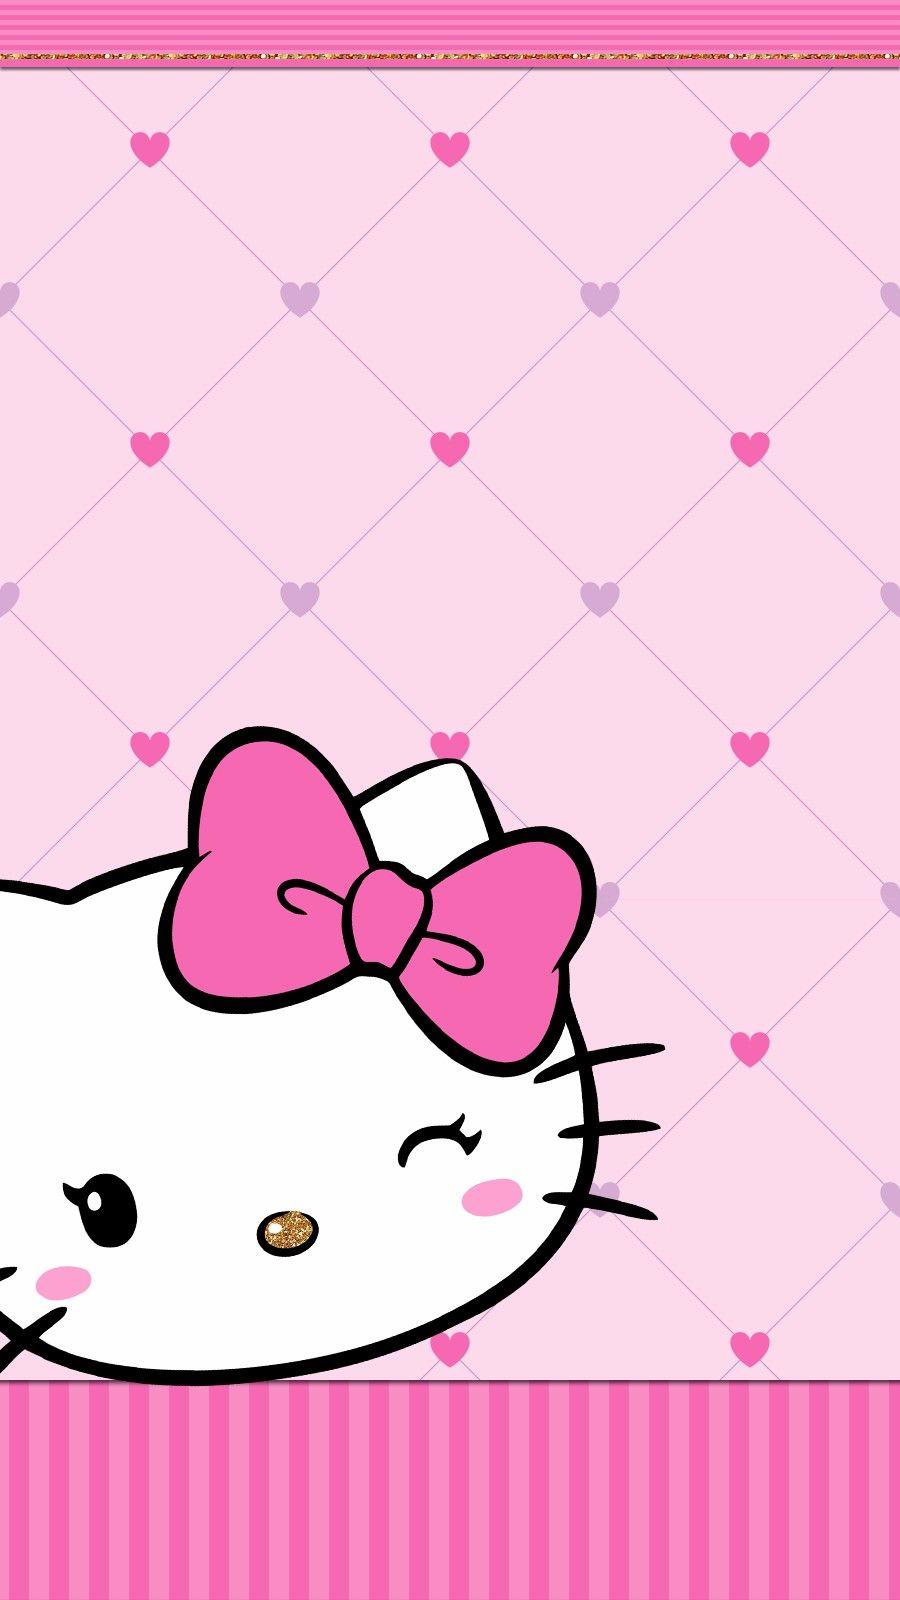 Pin De Angelmom4 En Cute Wallz Cosas De Hello Kitty Hello Kitty Imagenes Fondos De Pantalla De Gatos